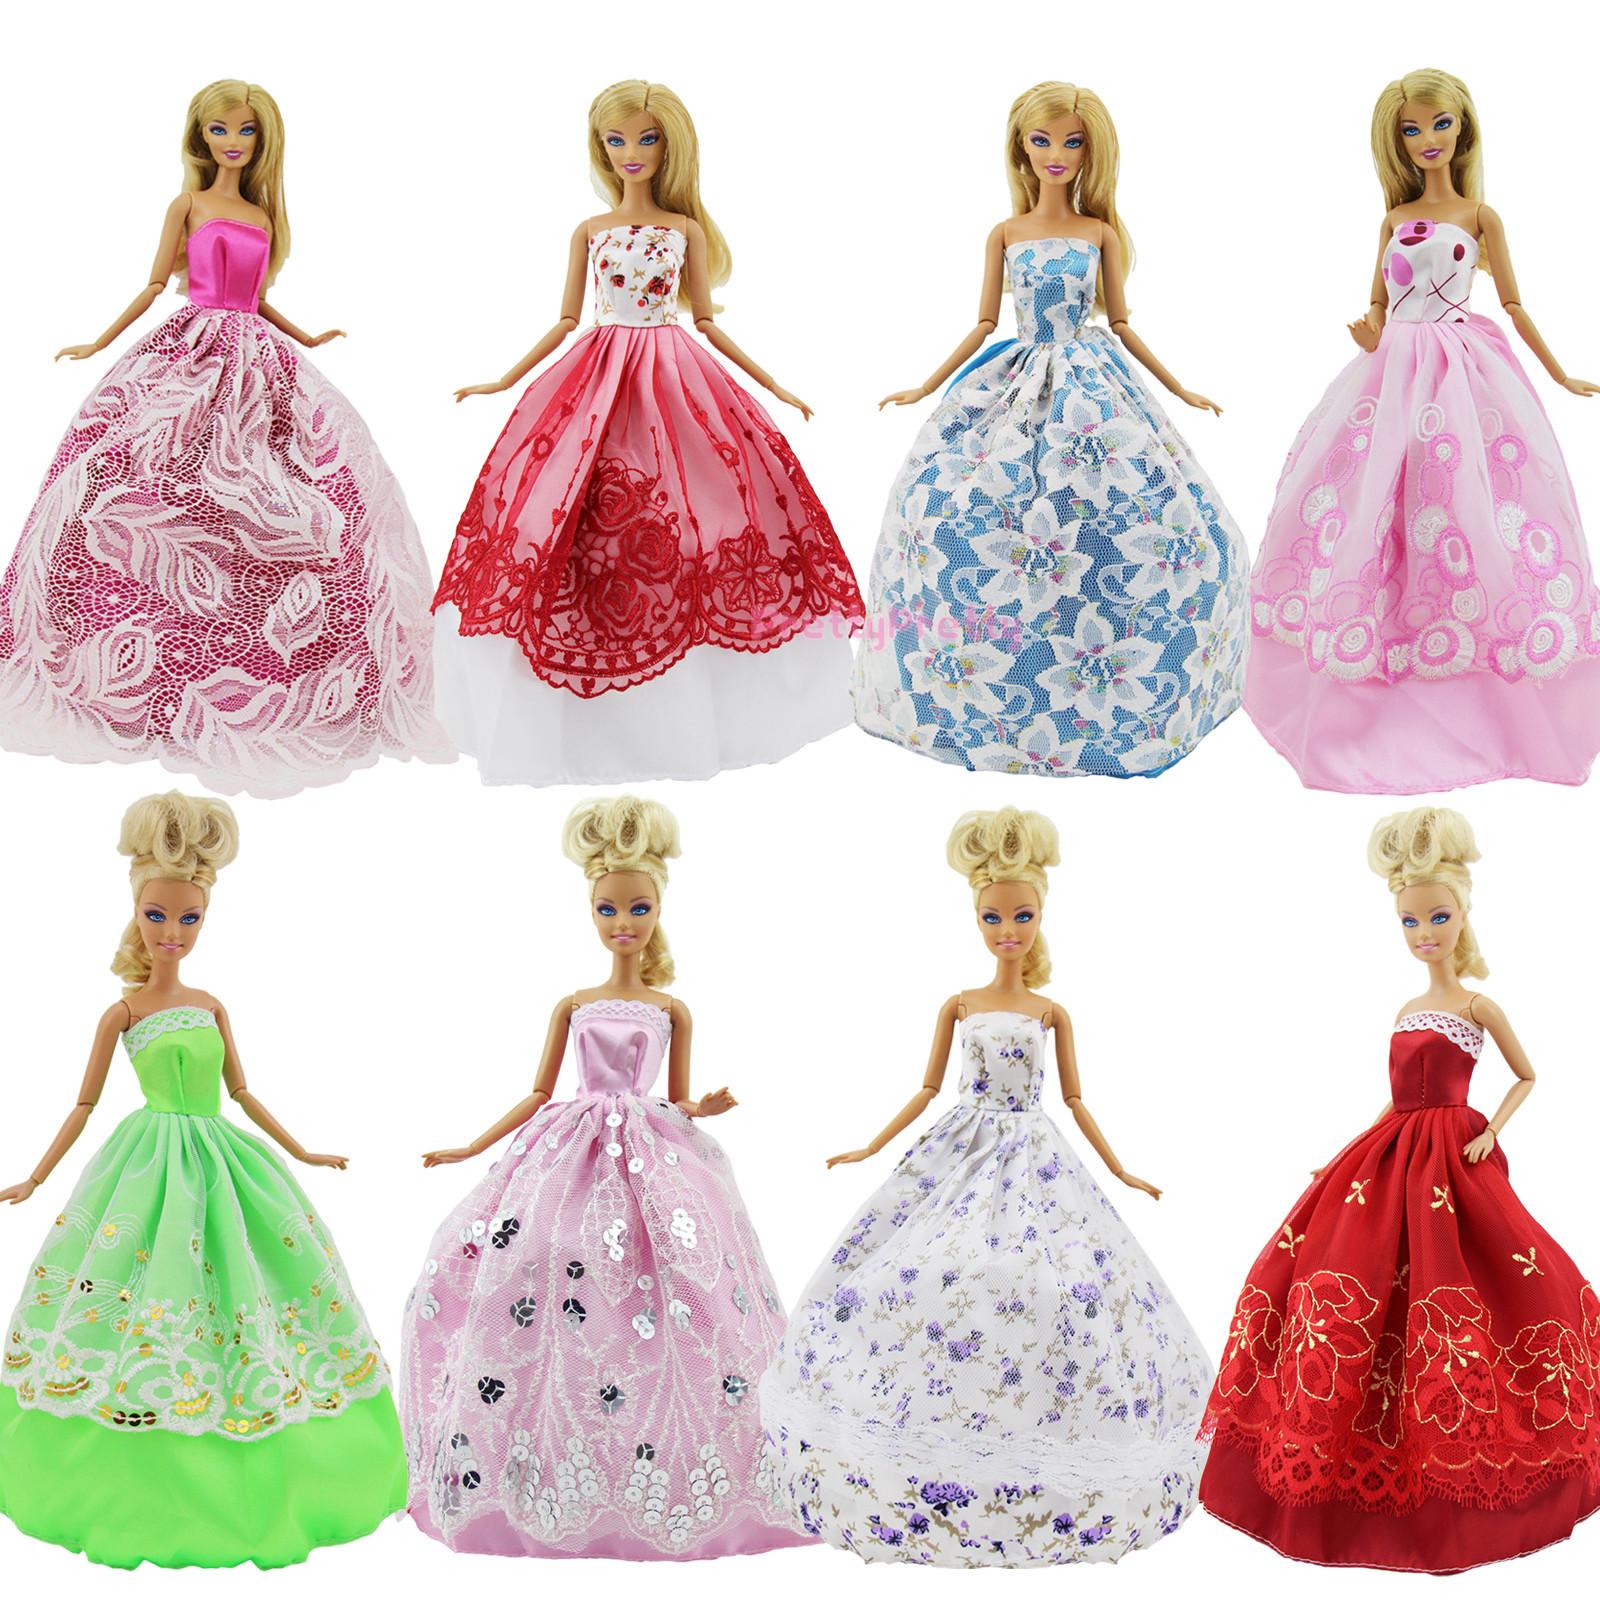 4 HANDGEFERTIGTE PUPPE Kleid Kleidung Kleider 10 Schuhe Für Barbie ...